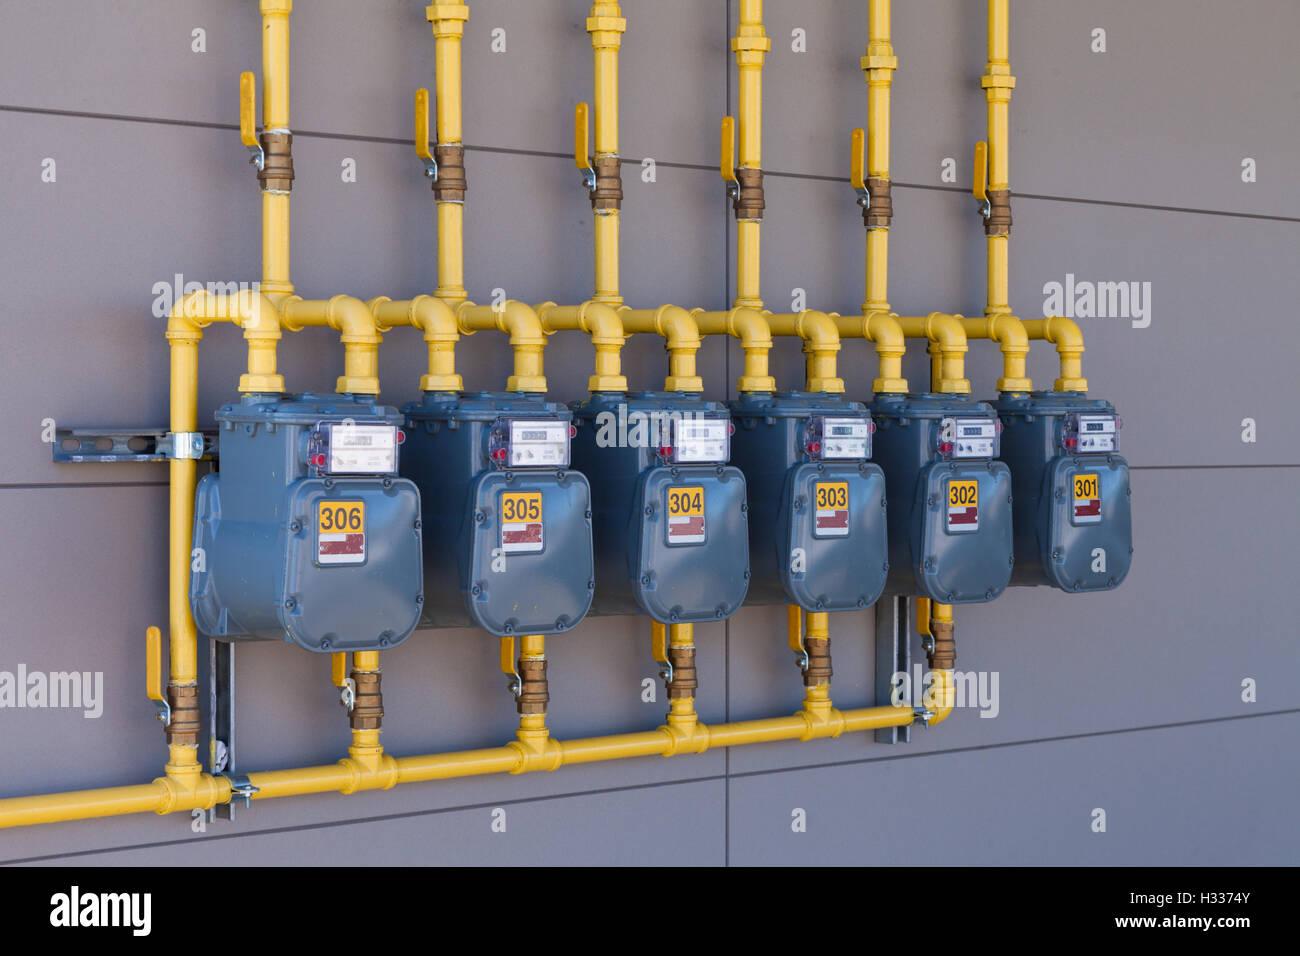 Gas residenziale metri energia fila di tubazioni di alimentazione Immagini Stock